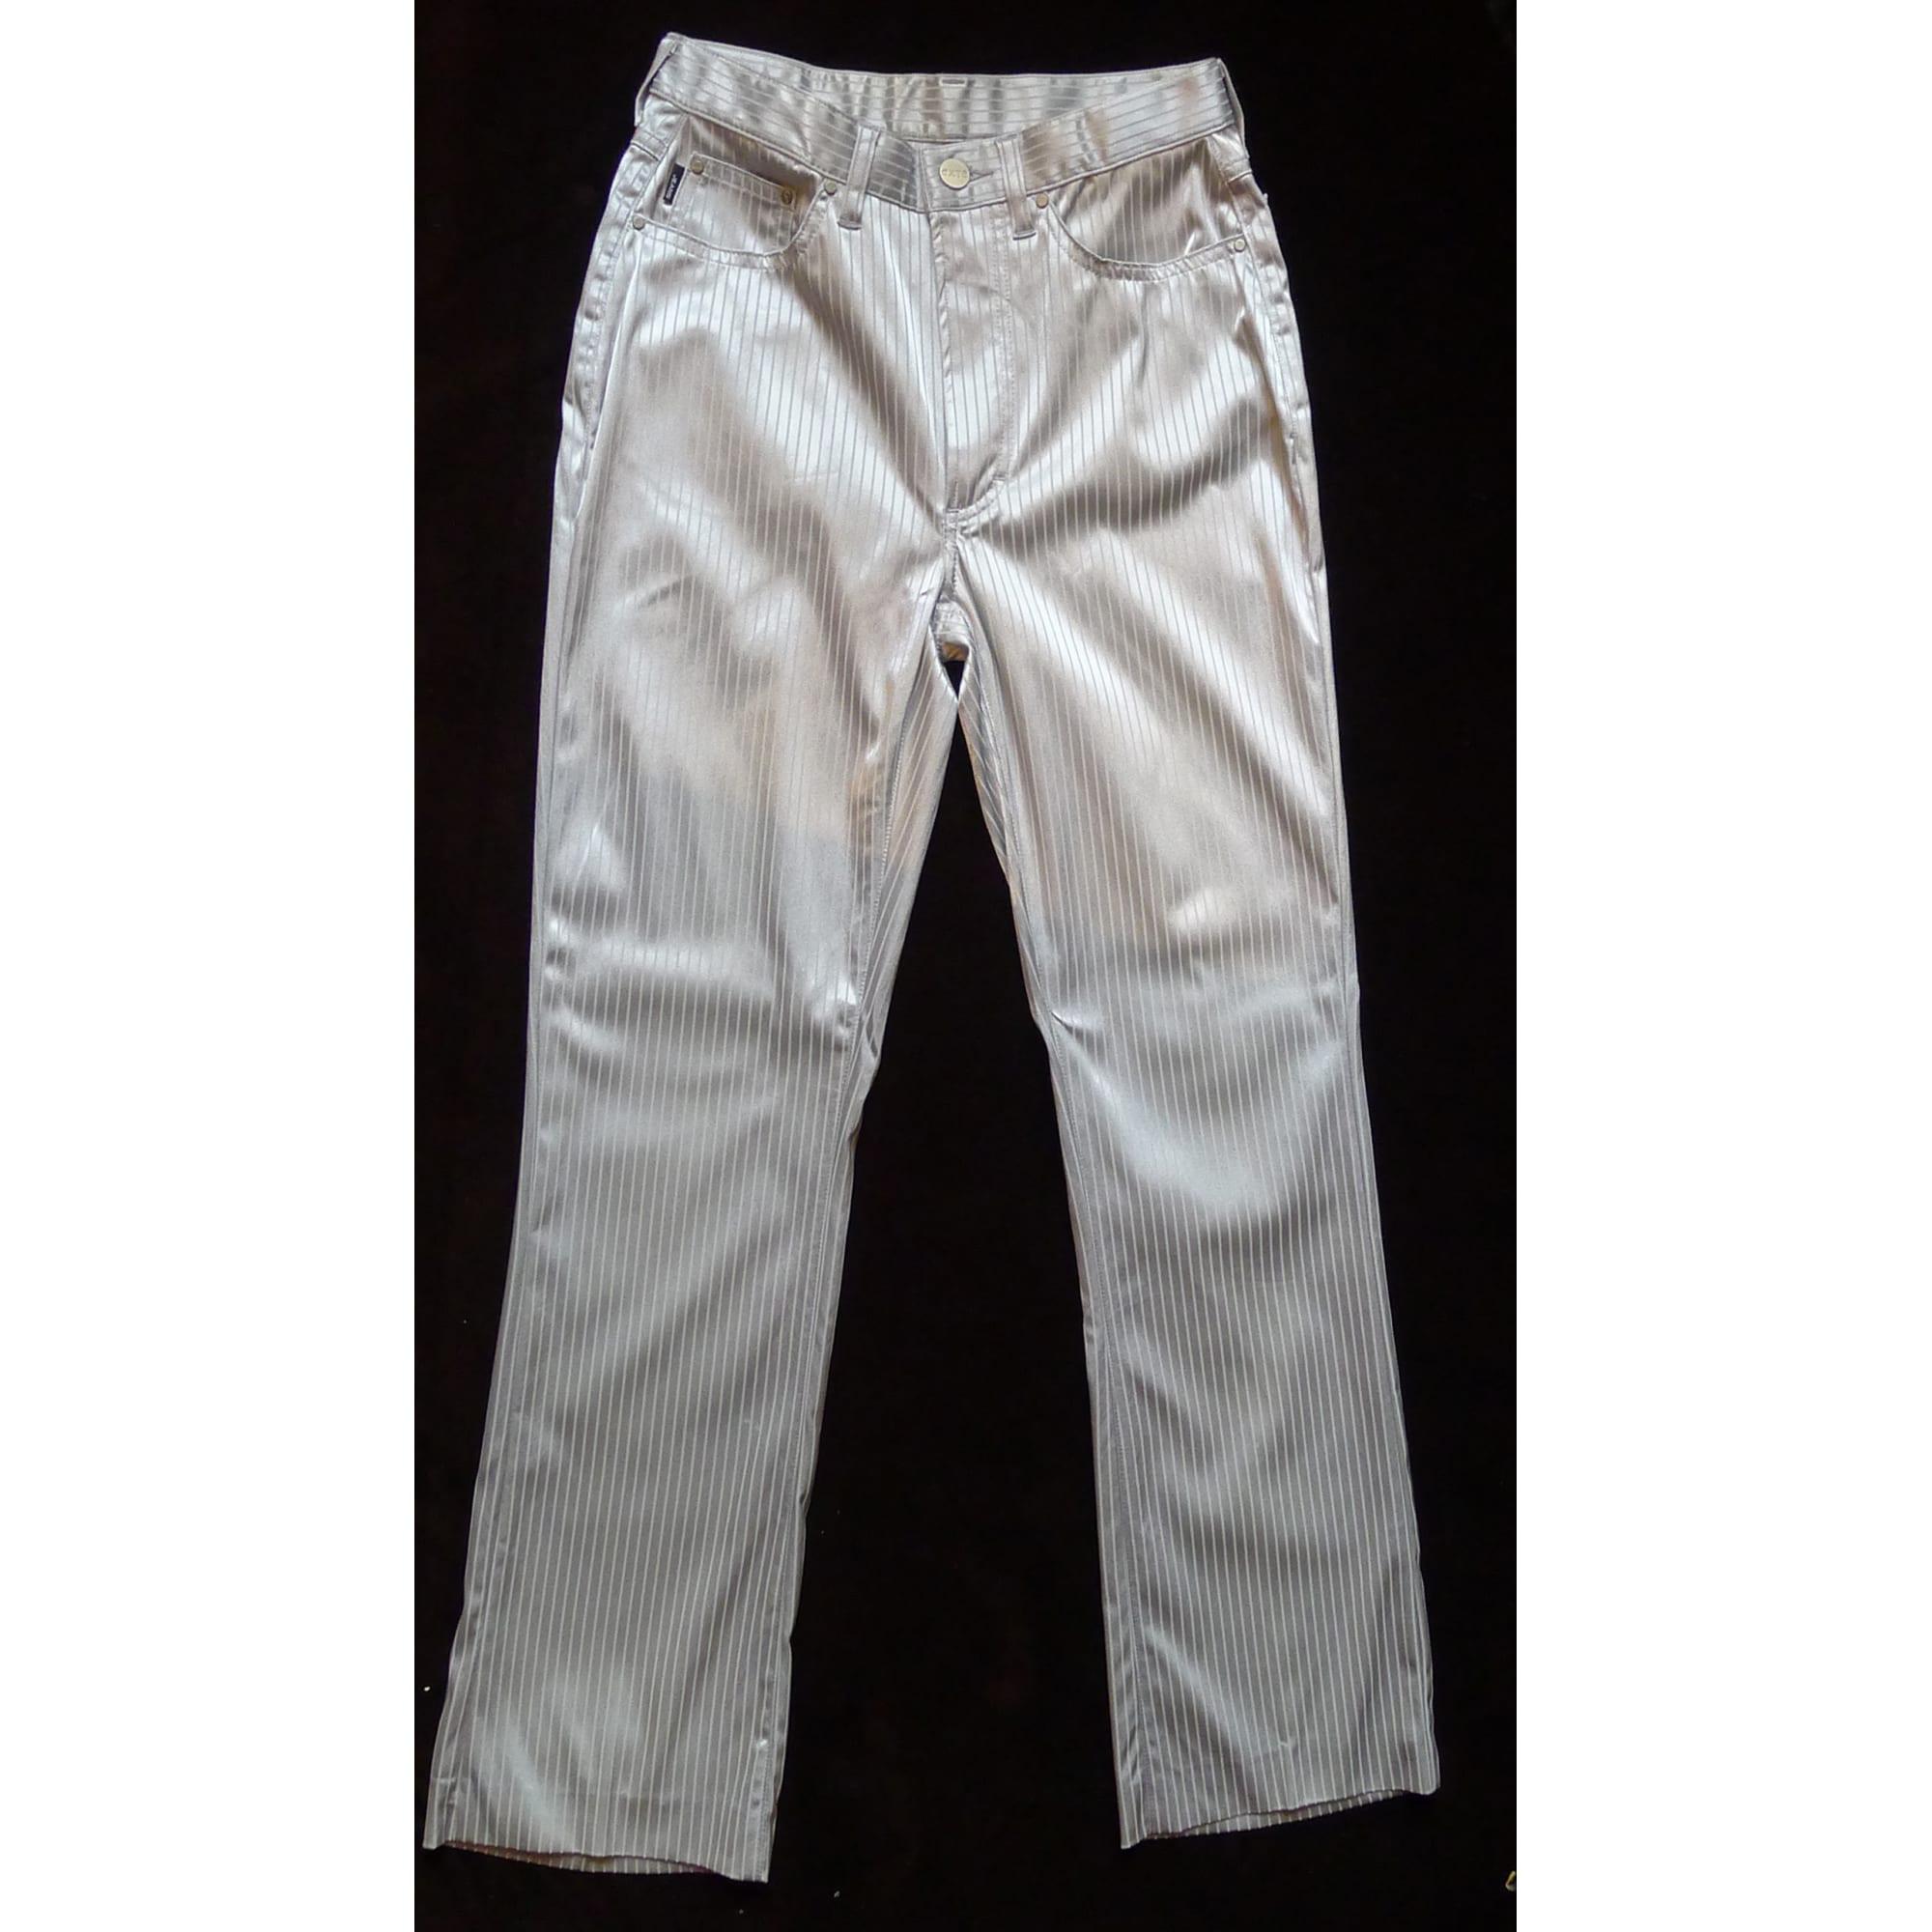 Jeans droit EXTE Gris, anthracite